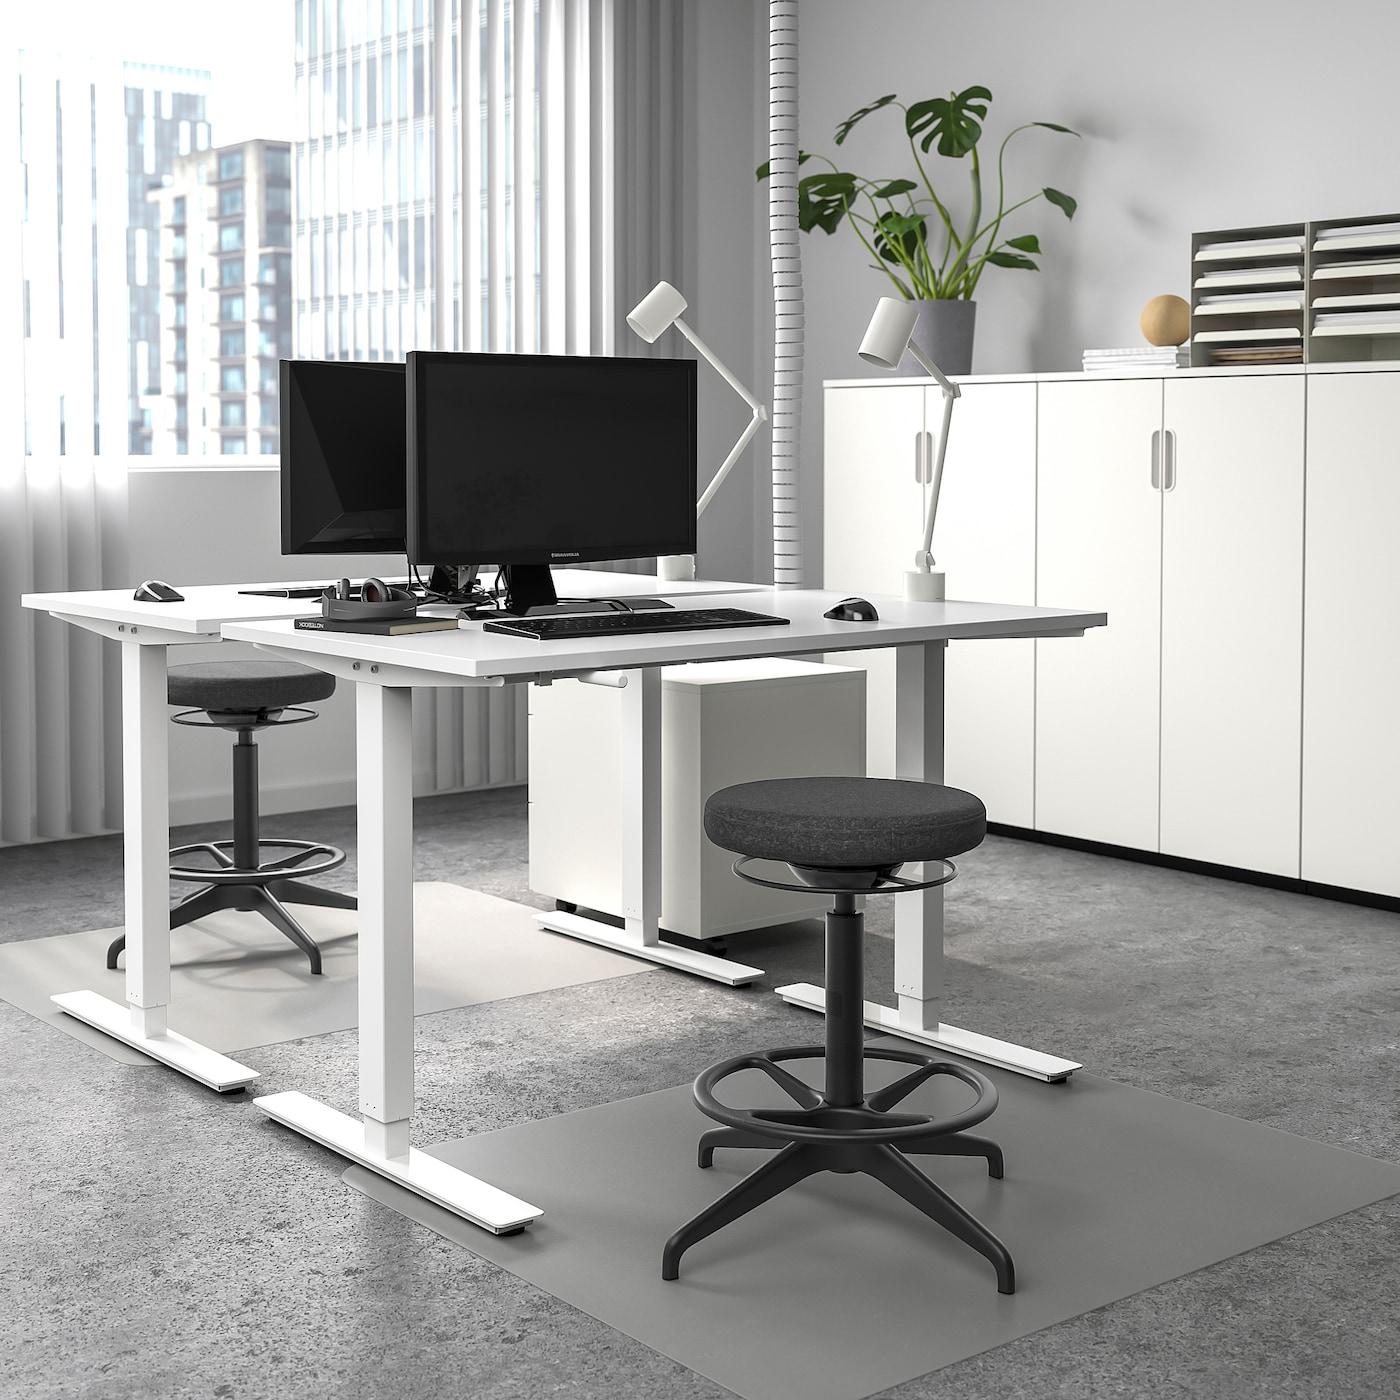 SKARSTA Schreibtisch sitz/steh weiß 120 cm 70 cm 70 cm 120 cm 50 kg